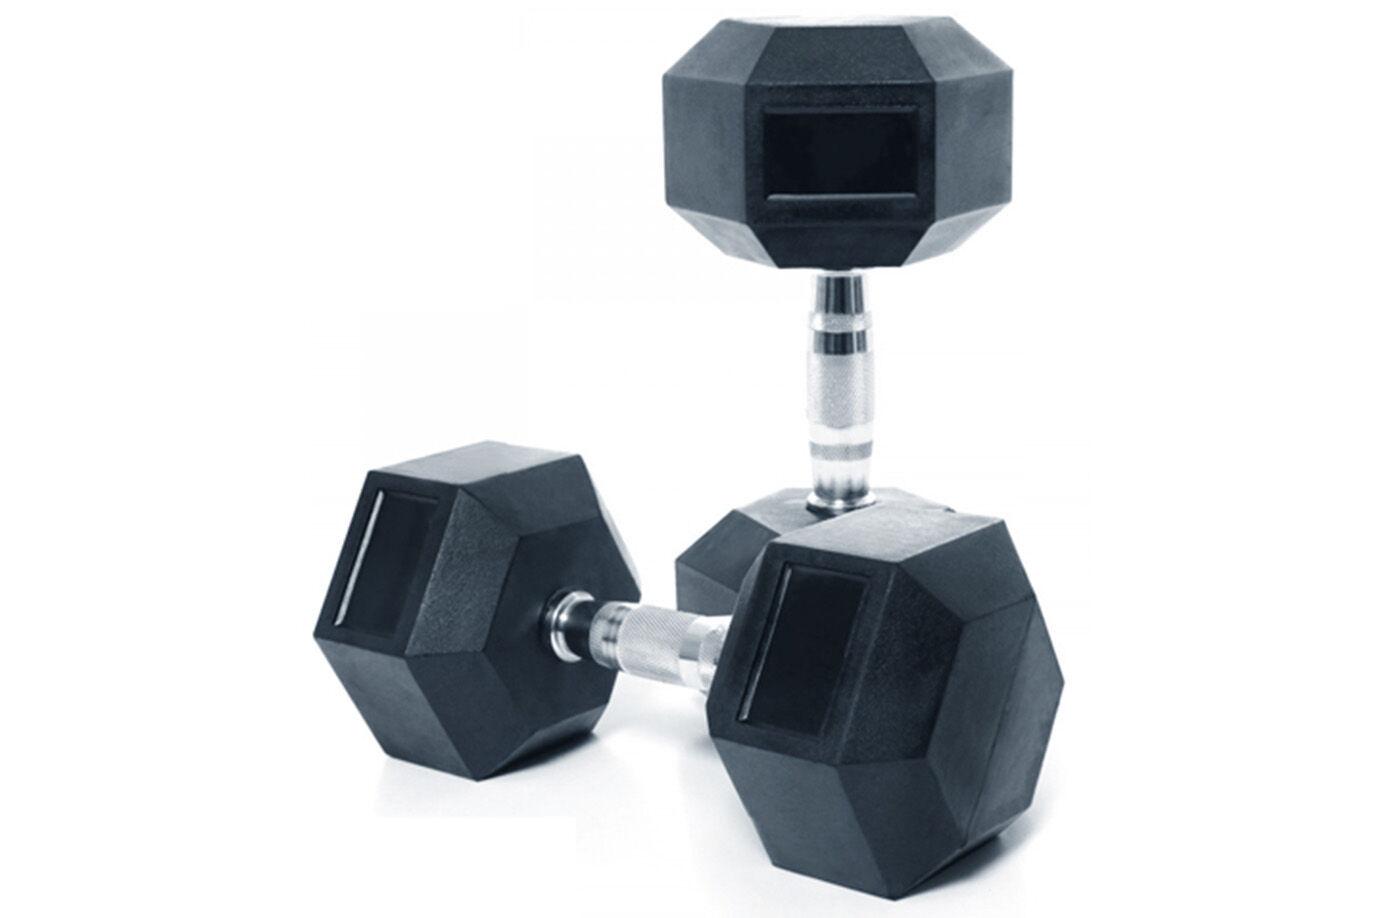 18kg Dumbbells from JTX Fitness